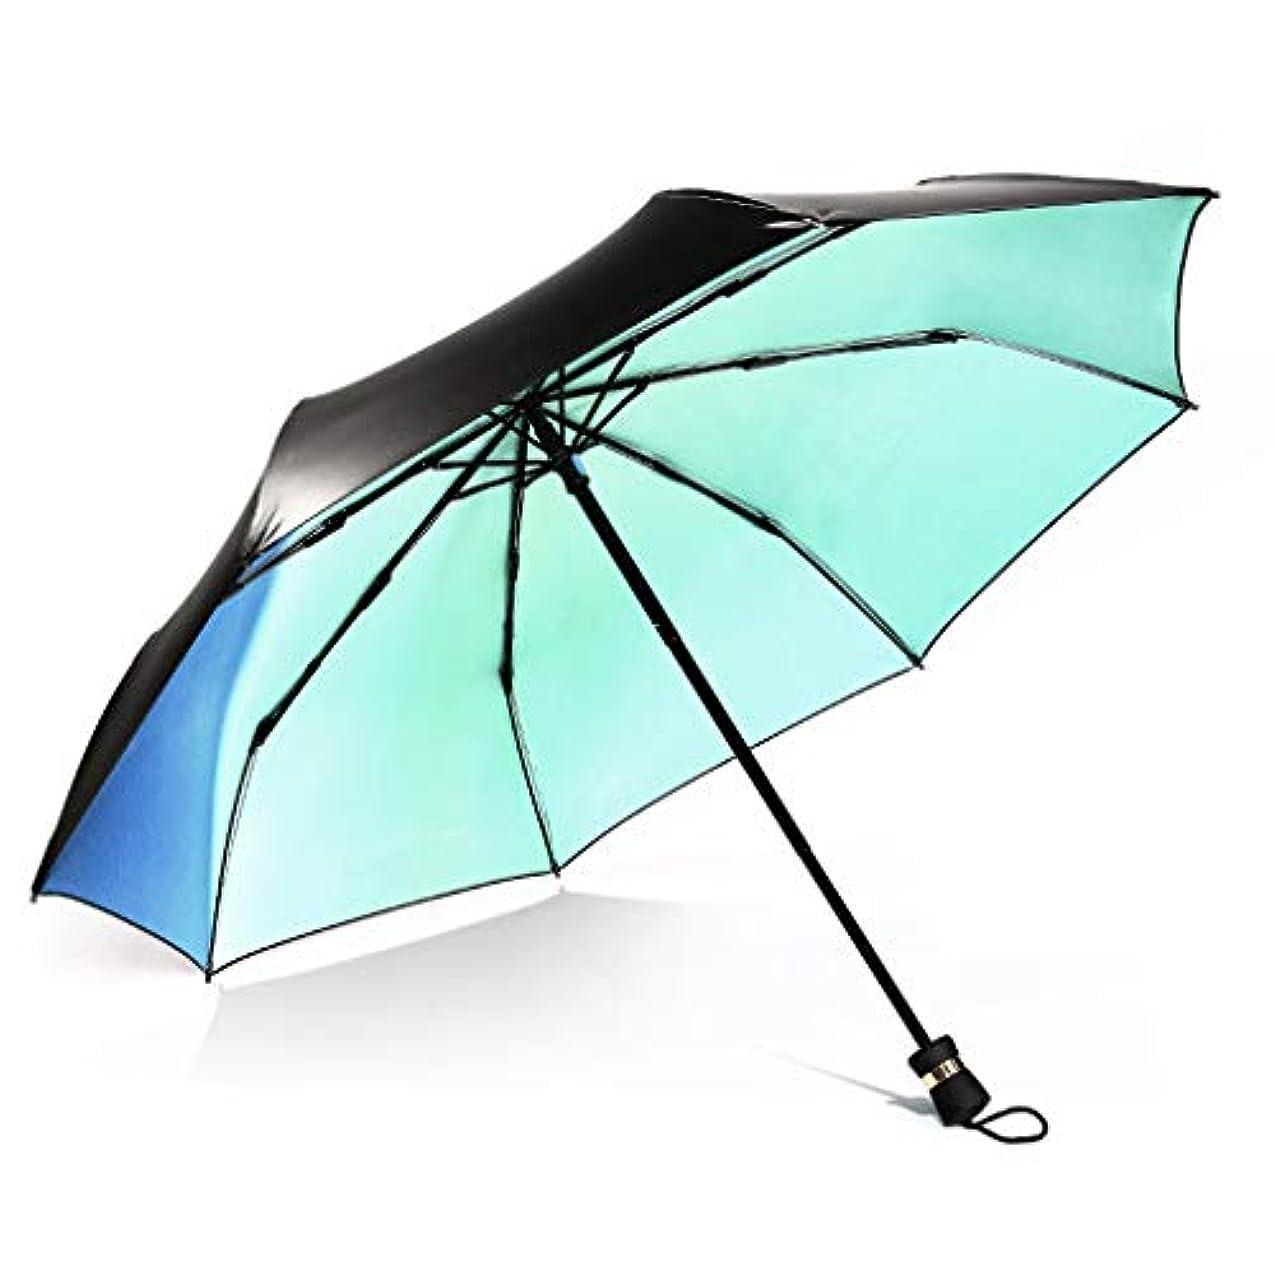 従順文明化筋油絵創造的な折りたたみ太陽傘グラデーションカラー傘抗UV傘傘 ズトイビー (Color : A)